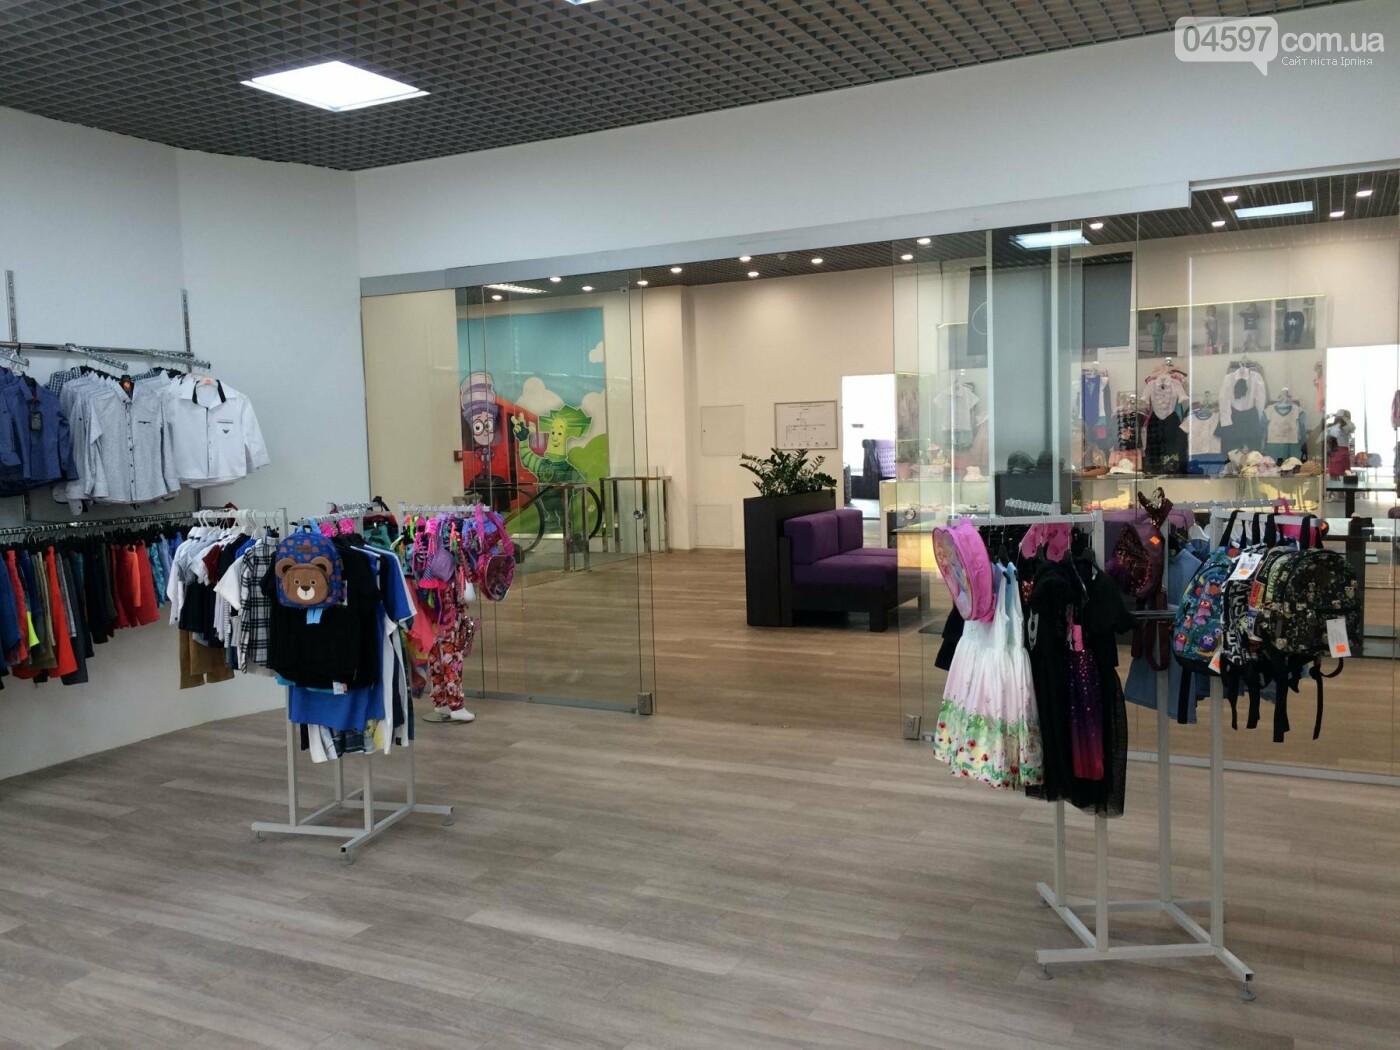 Де купити дитячий одяг в Ірпені: асортимент та ціни, фото-2